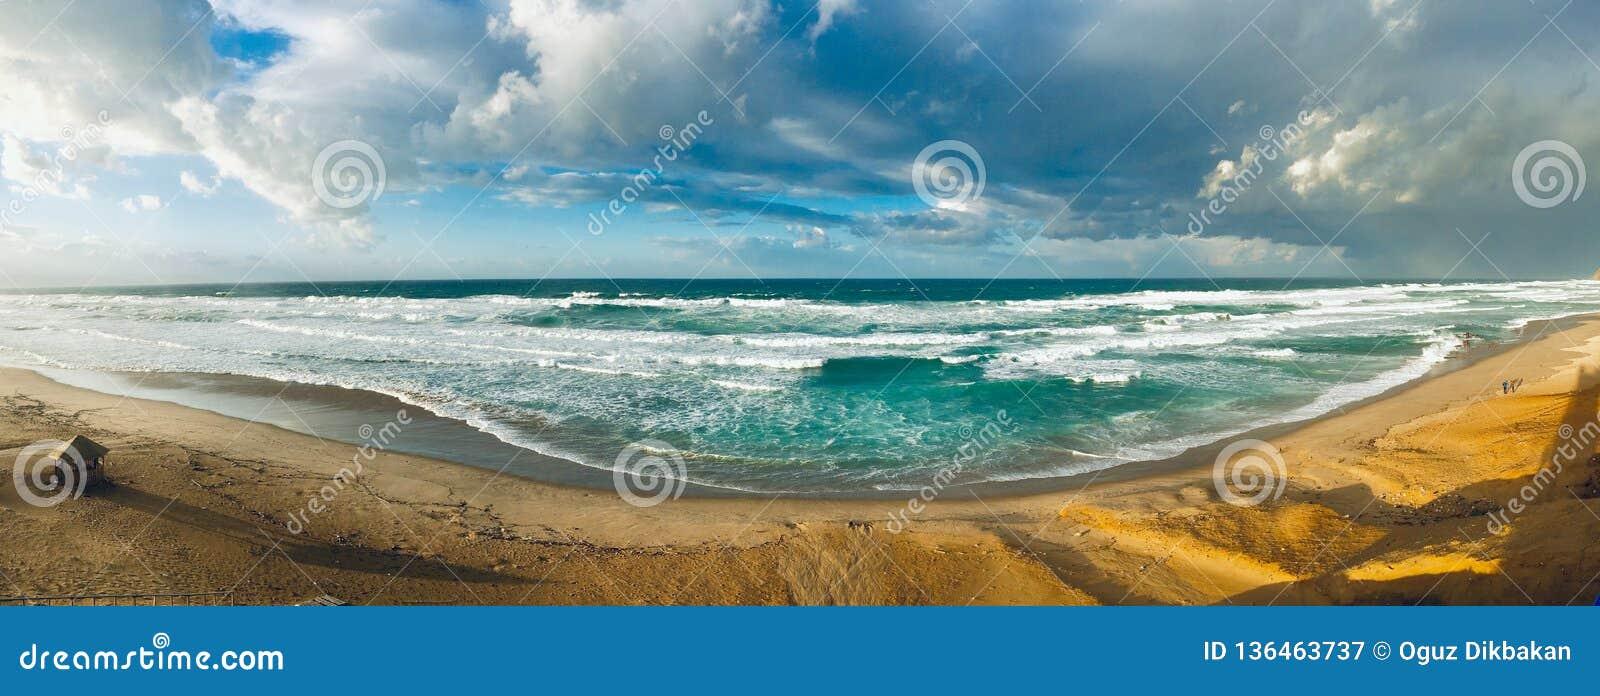 Κυματιστό πανόραμα Μεσογείων στο χρόνο ηλιοβασιλέματος σε Skikda Αλγερία